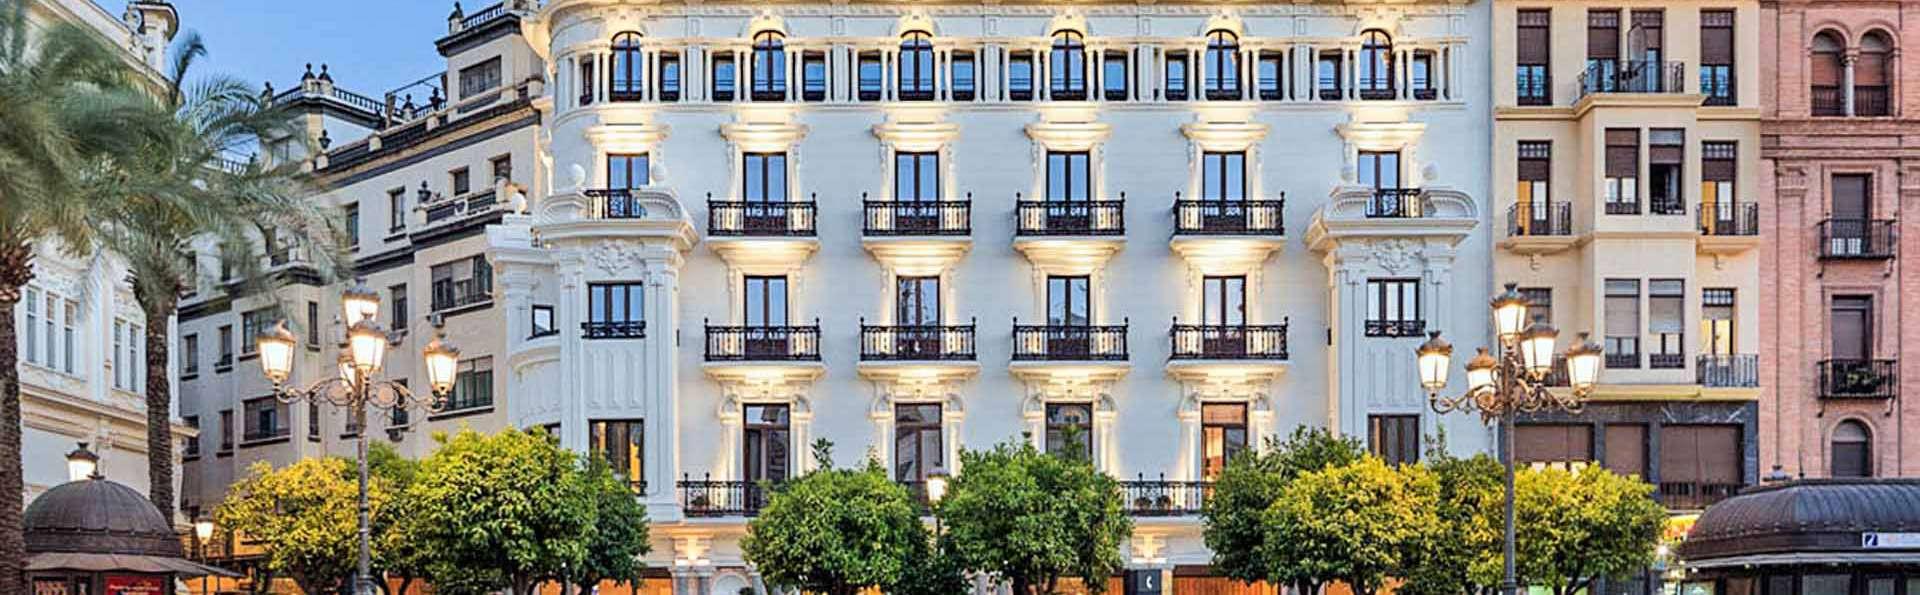 H10 Palacio Colomera - EDIT_Fachada_principal_H_Palacio_Colomera_03.jpg